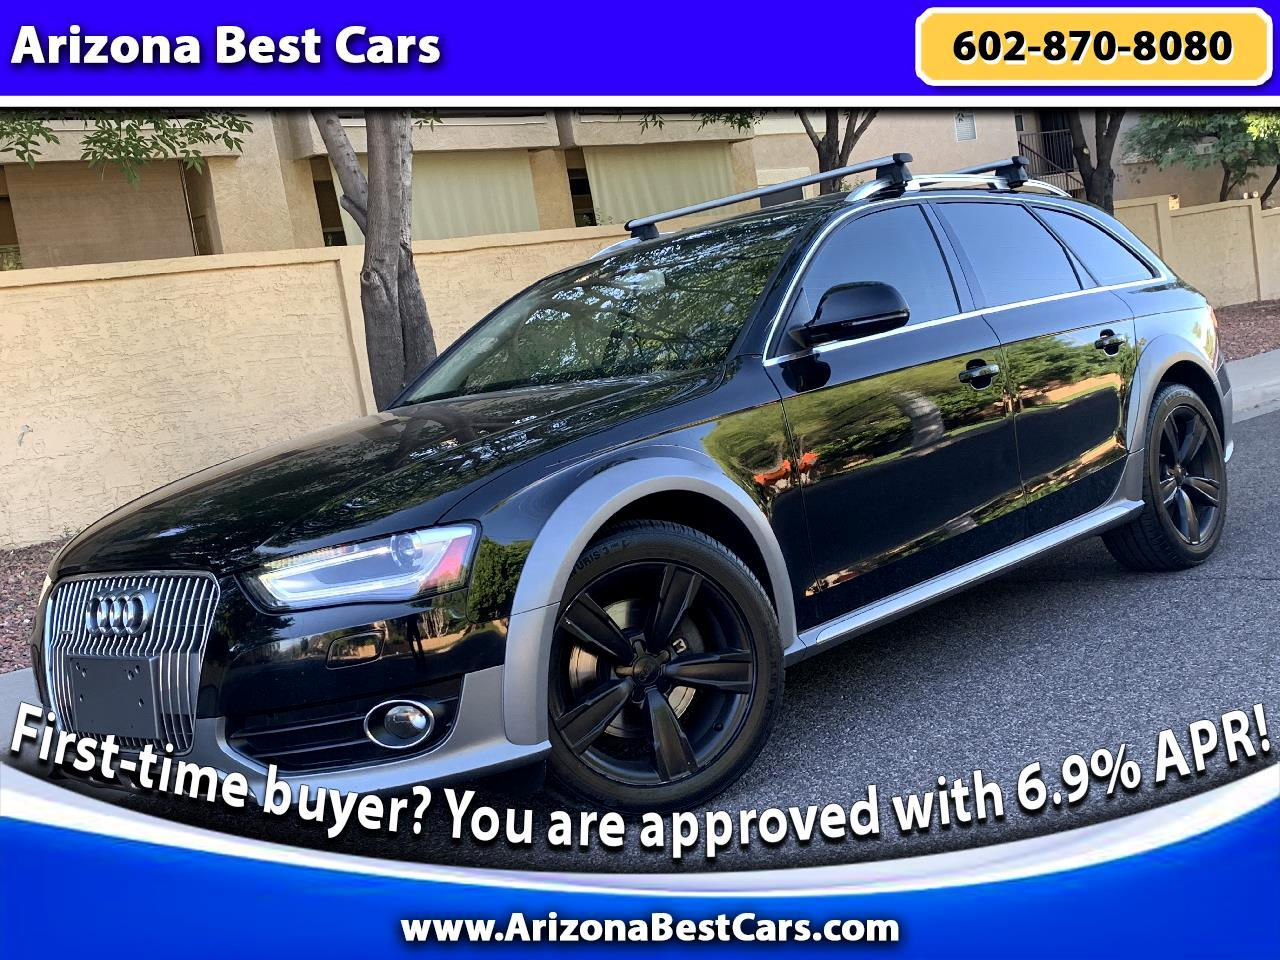 2013 Audi allroad quattro 2.0T Premium